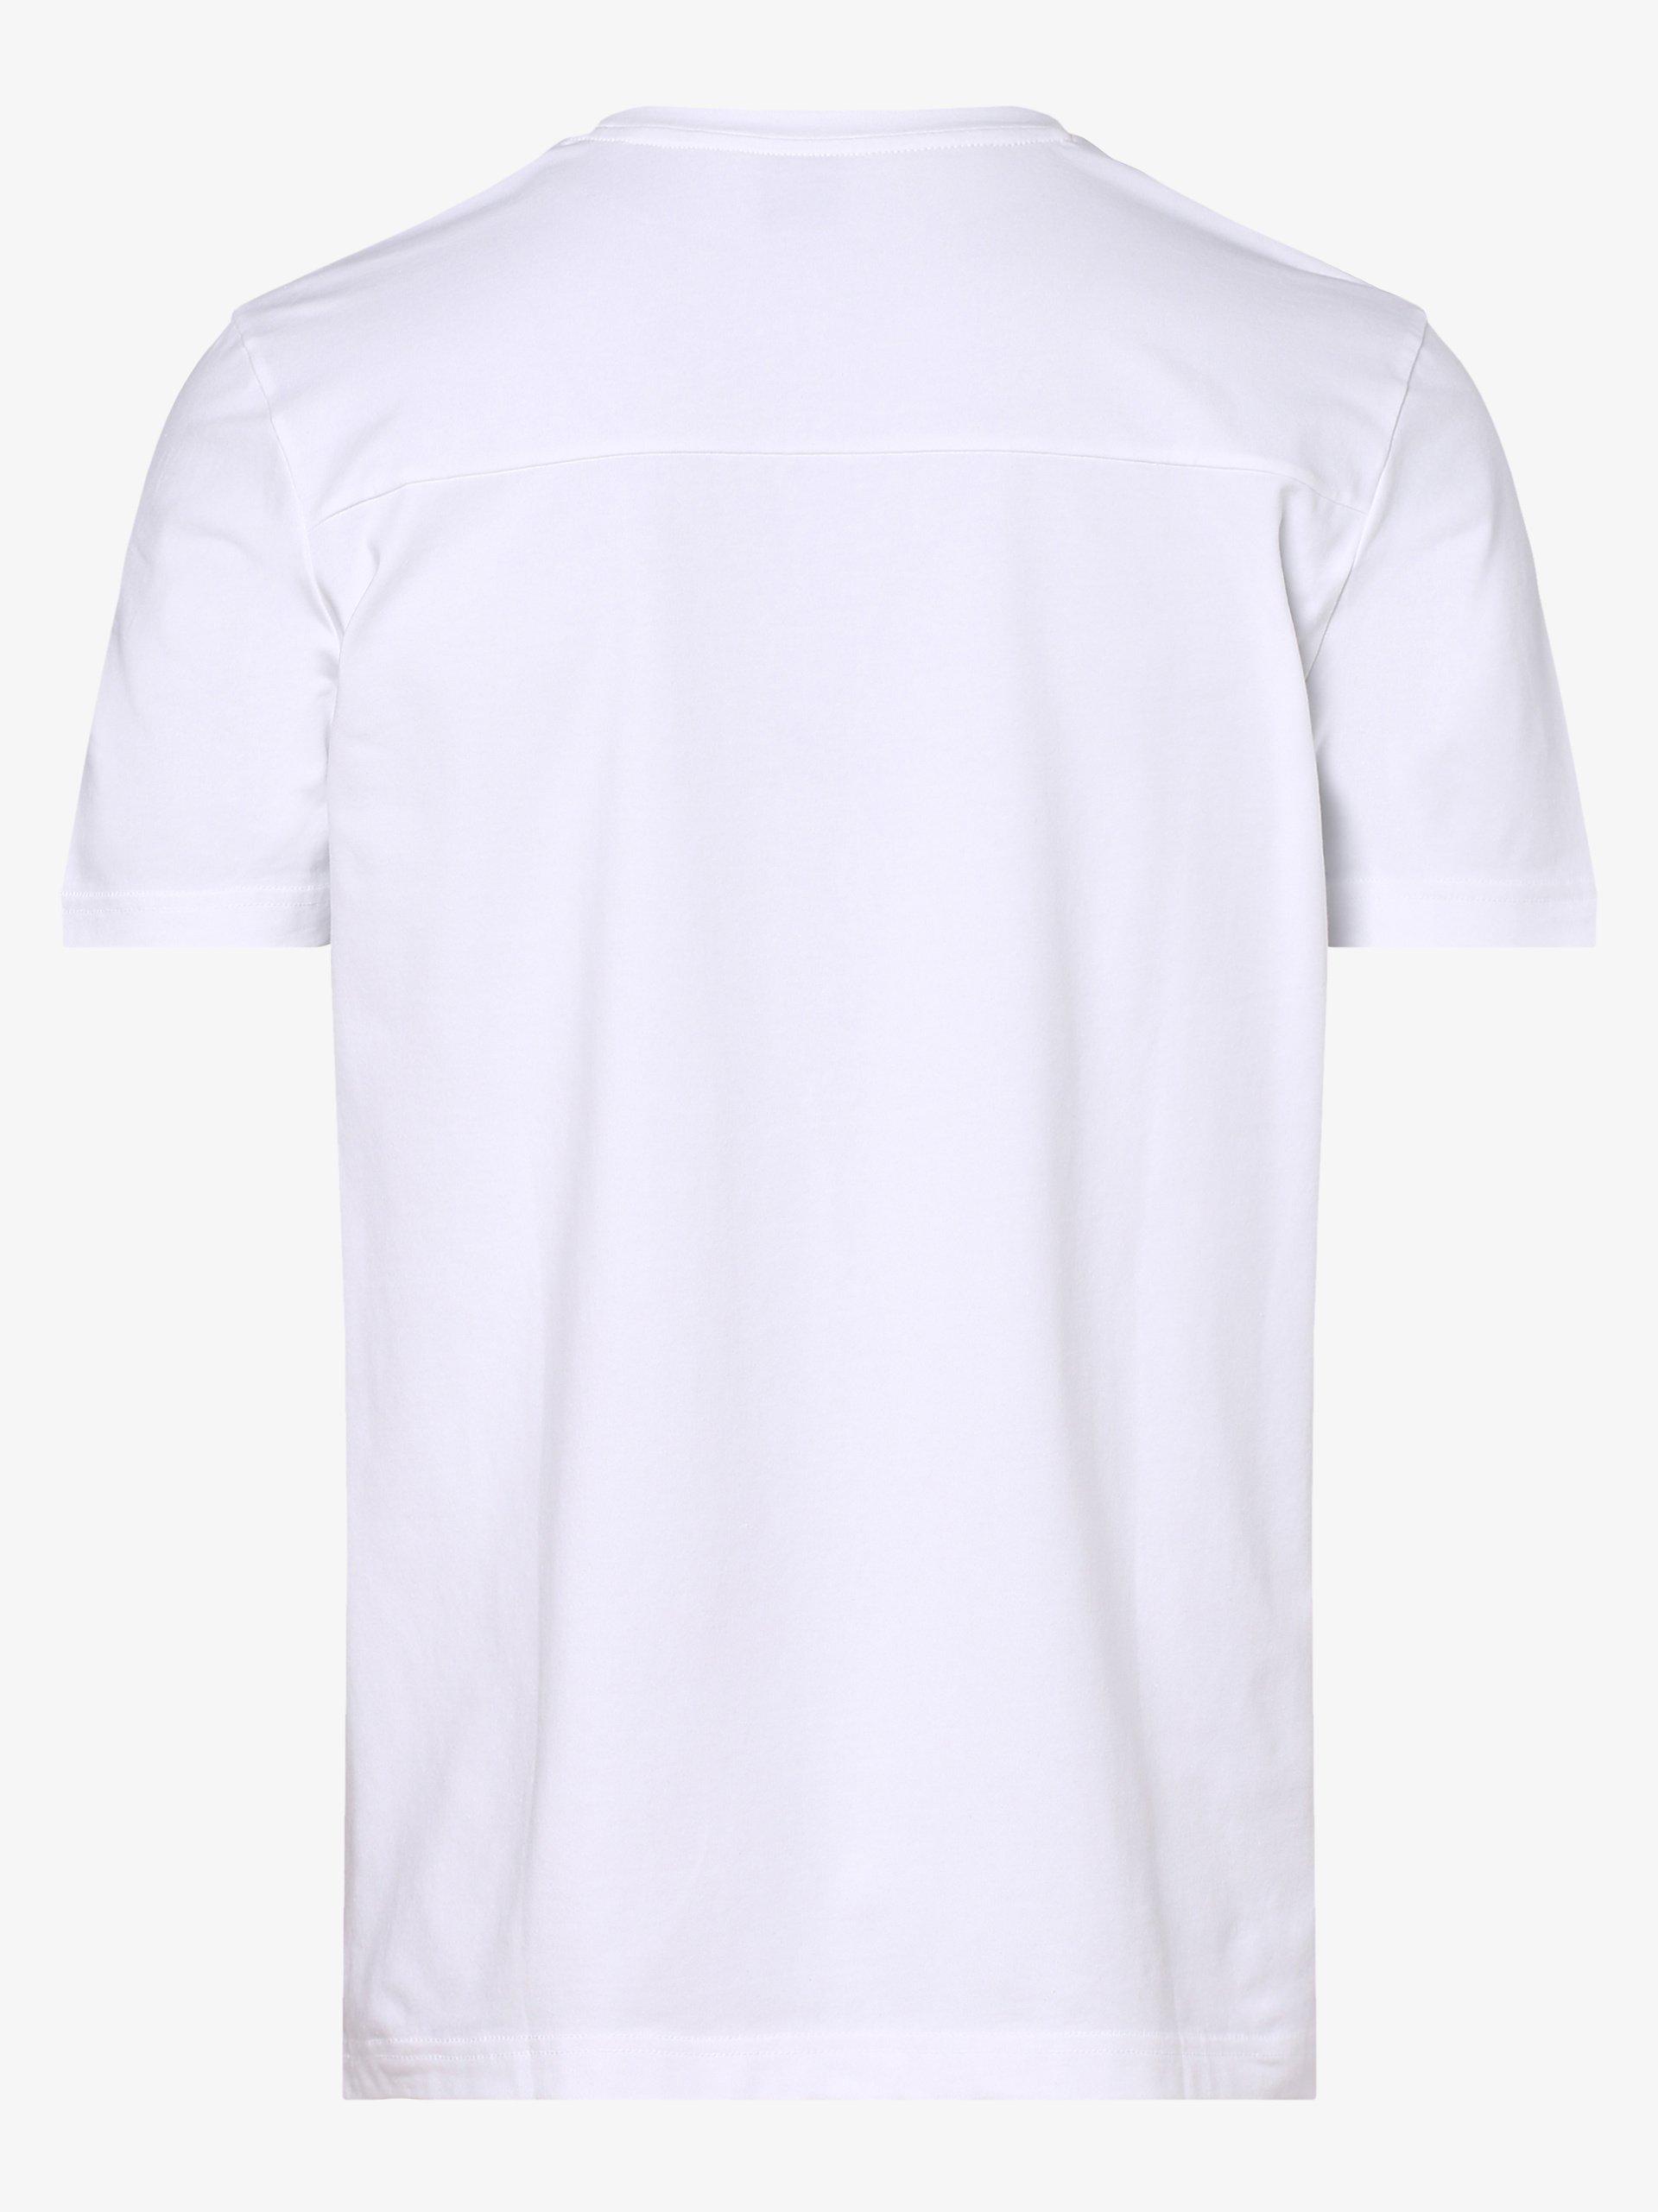 BOSS Athleisure T-shirt męski – Tee 5